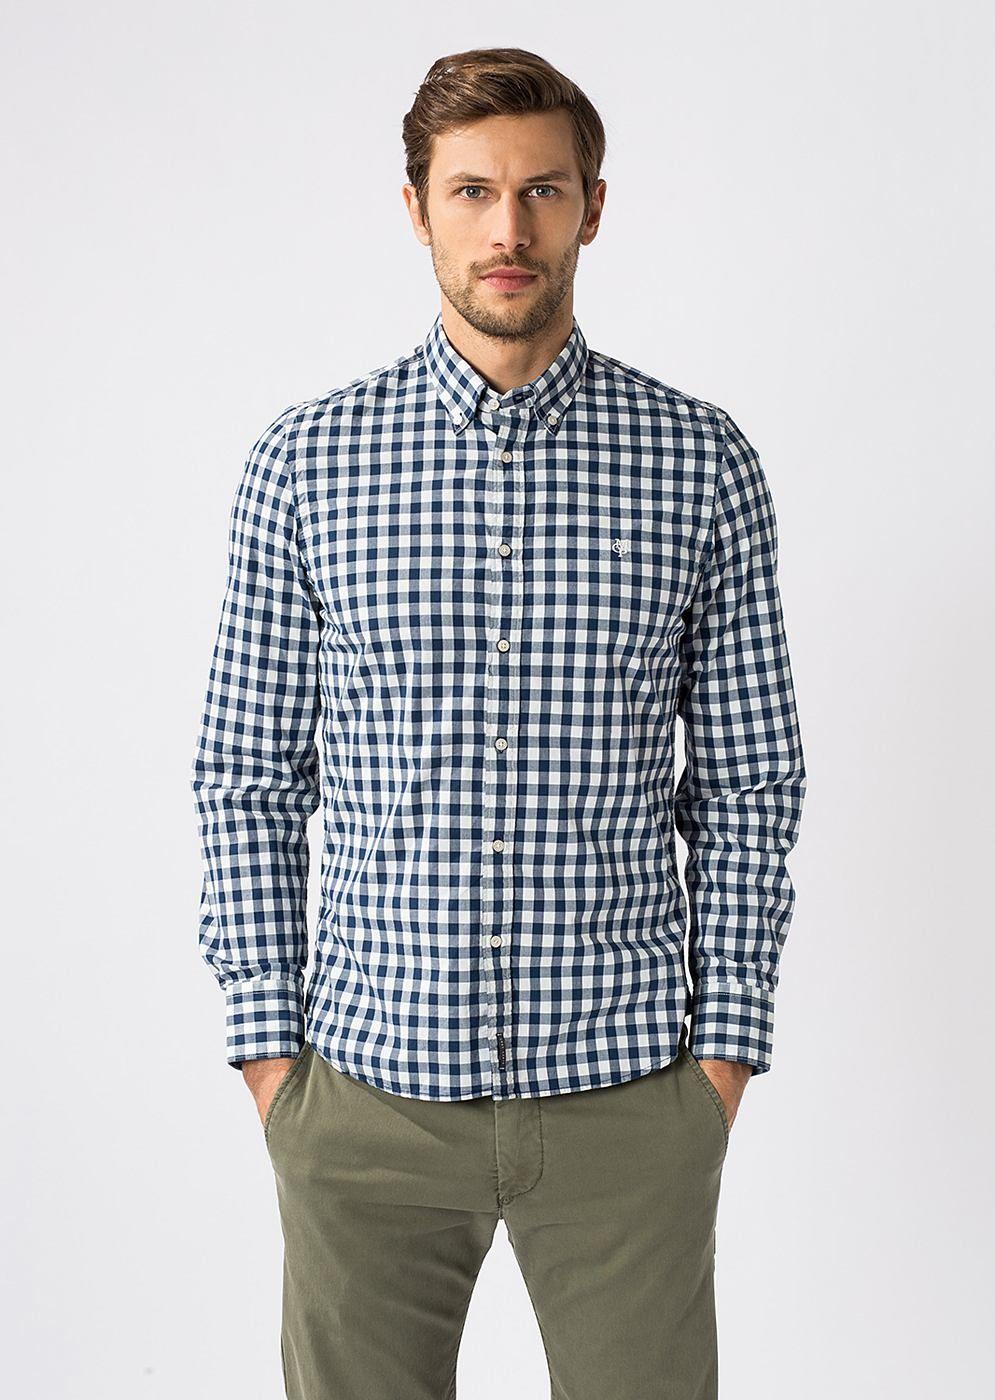 MARC O POLO. Klassisches Hemd aus einer dicht gewebten 100% Baumwollware  mit vollem, kompaktem Griff. Dezente Kontrastfarbe und das gleichmäßige  Vichy-Karo ... 474b79eccb